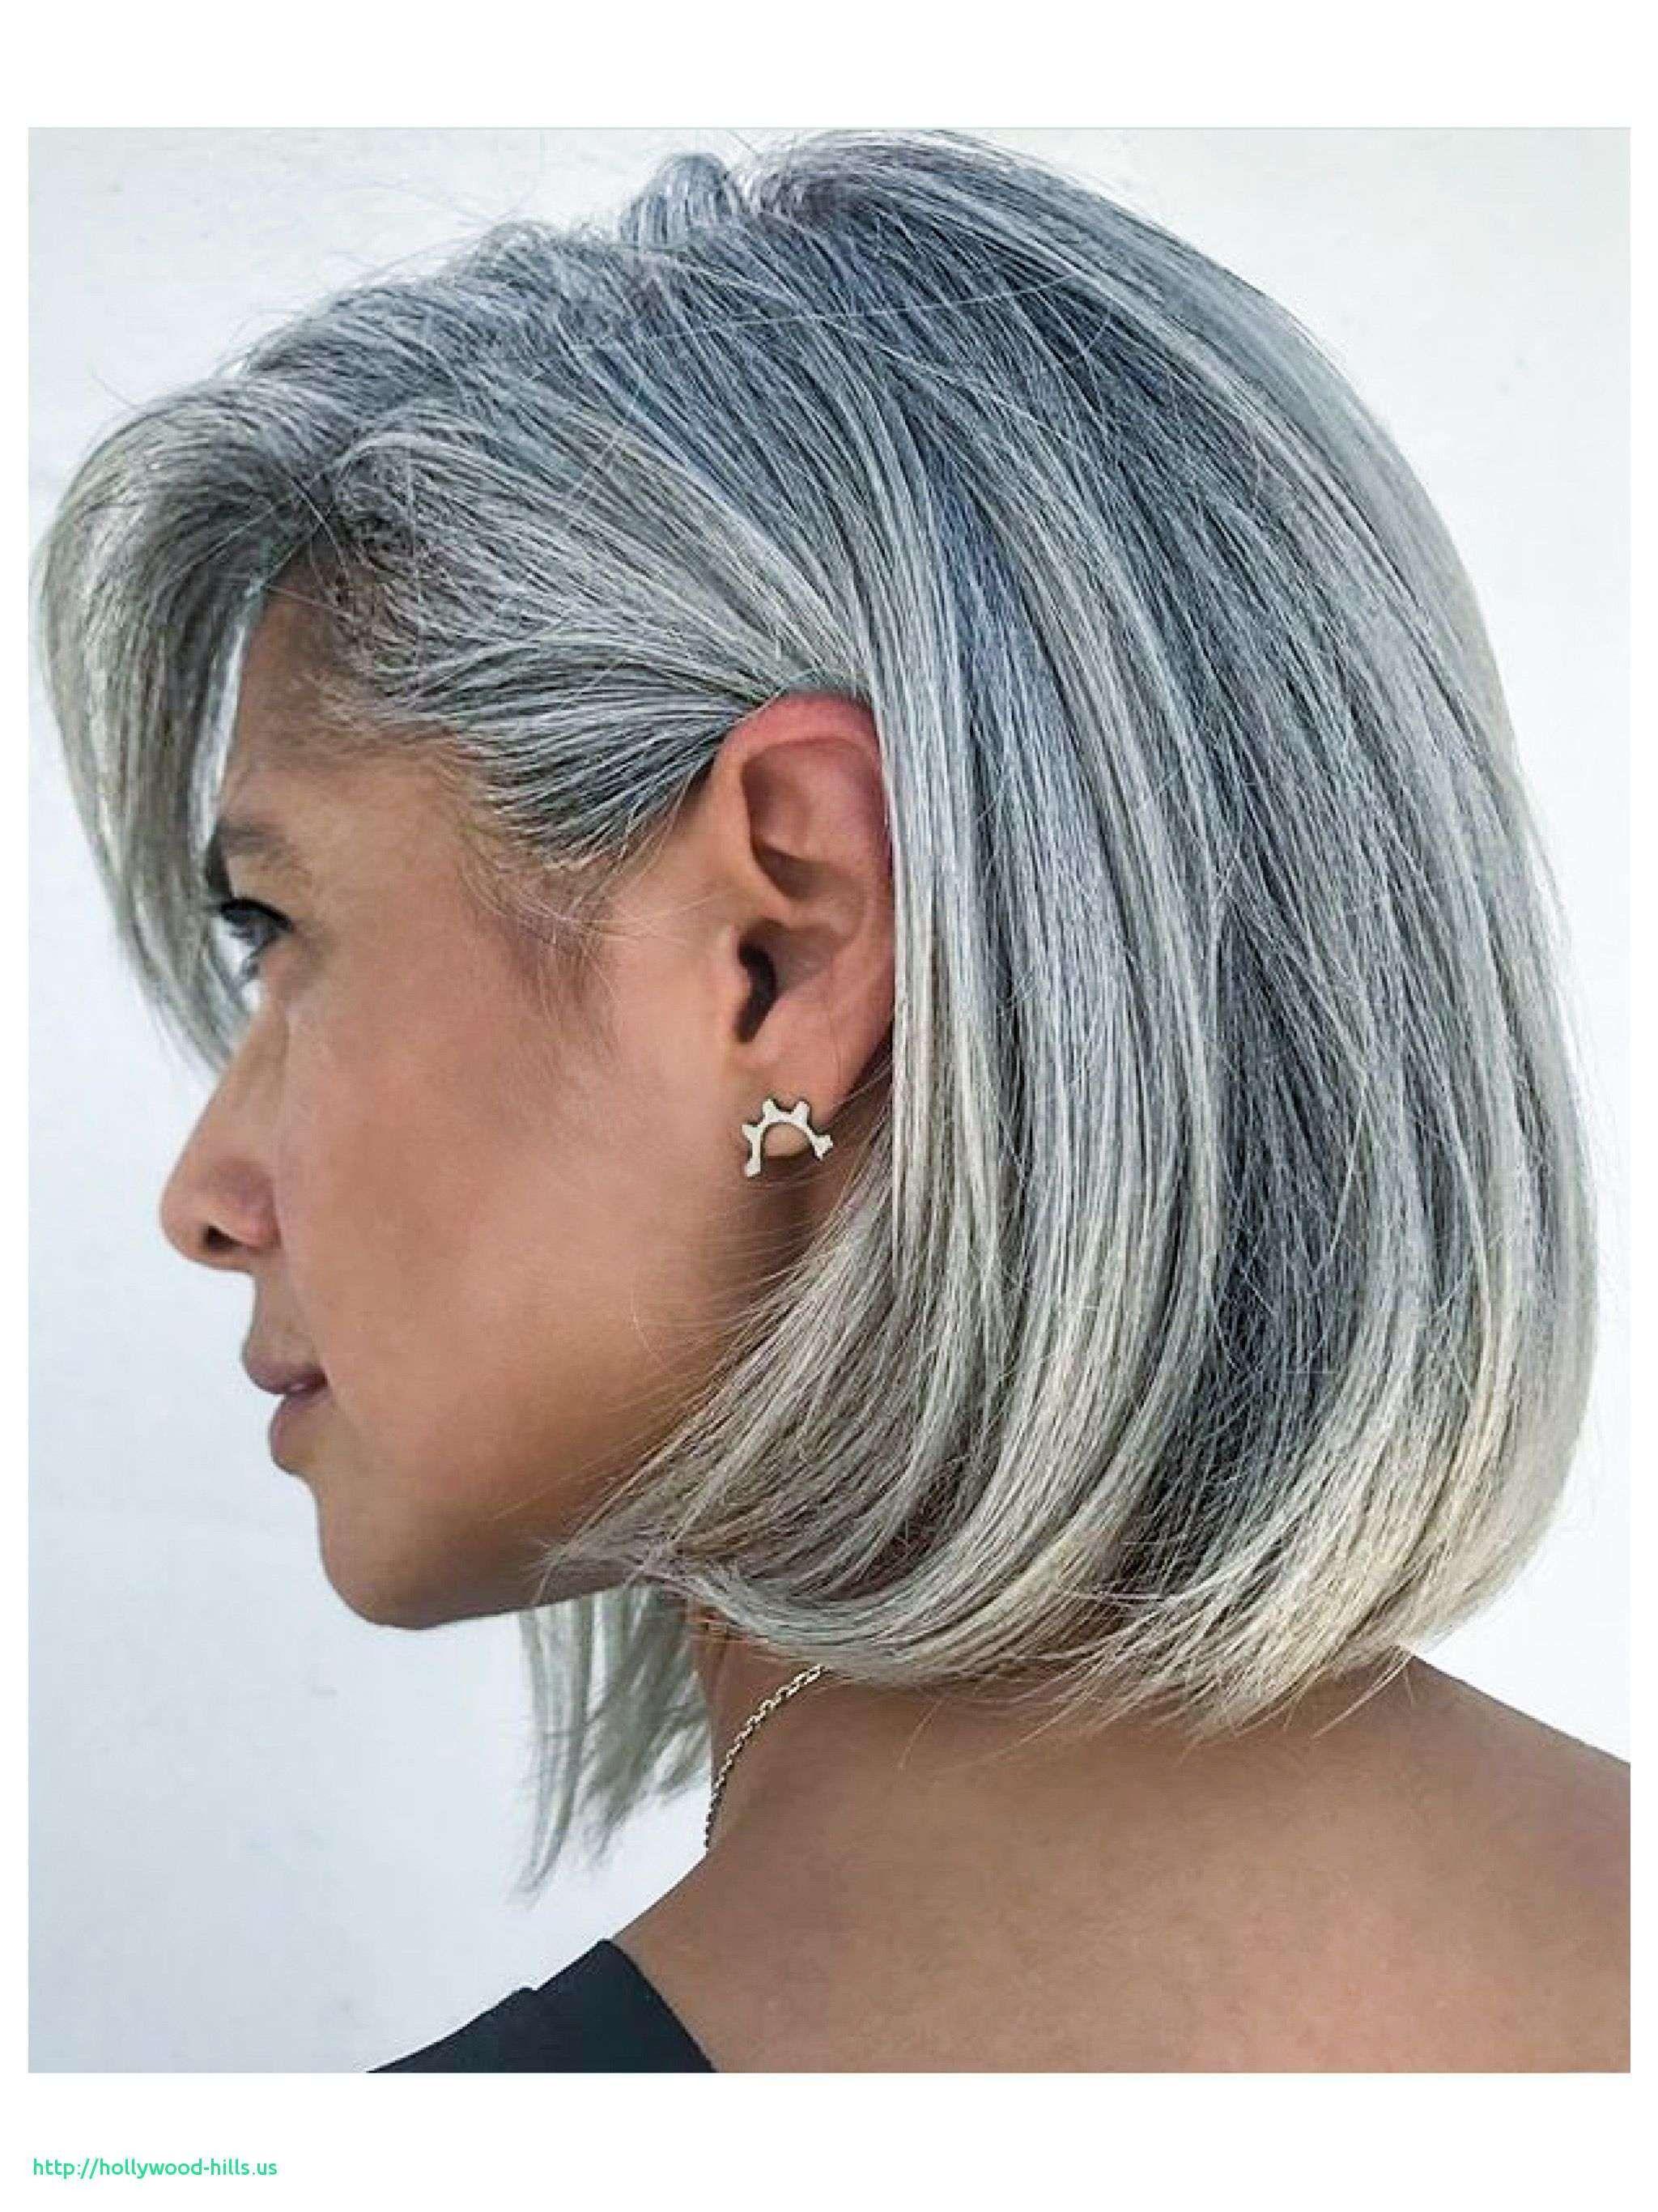 Elegantes Haar Fur Uber Funfzig Neue Haare Modelle Lange Graue Haare Bob Frisur Graue Haare Frisuren Graue Haare